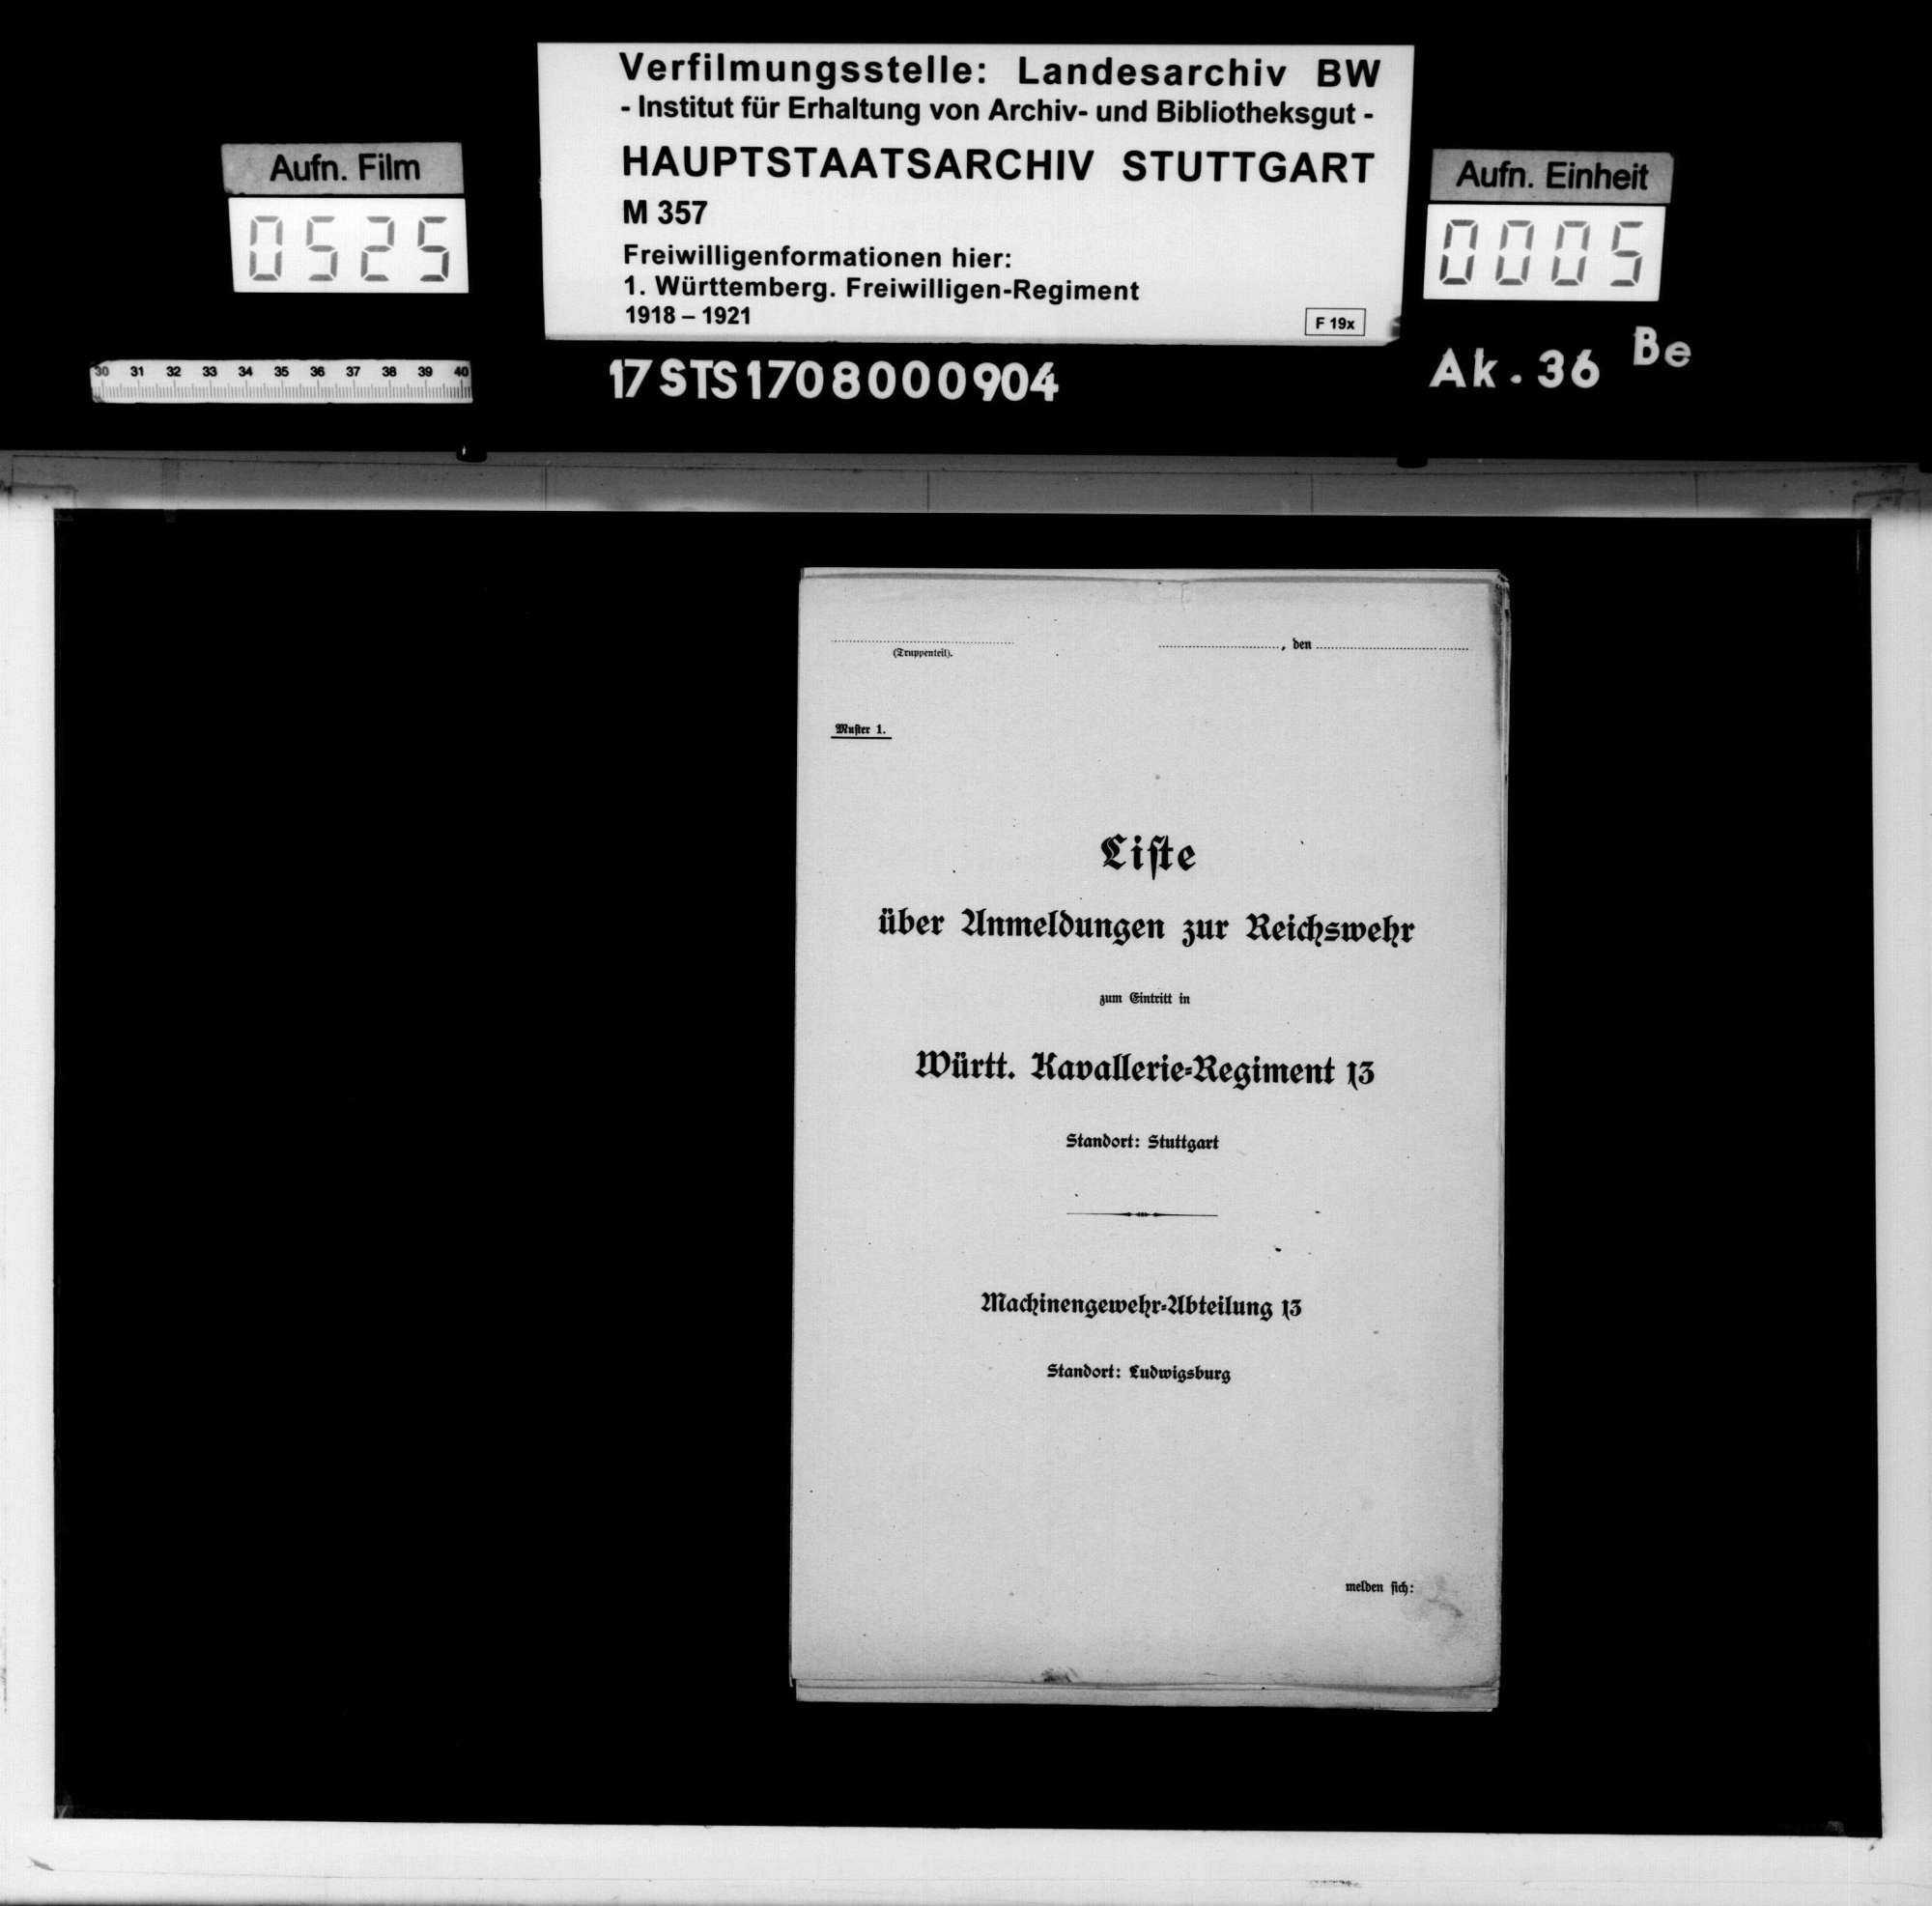 Listen über Anmeldungen zur Reichswehr zum Eintritt in Württ. Kavallerie-Regiment 13 (Maschinengewehr-Abteilung 13/Ludwigsburg, 1. Eskadron/Ludwigsburg, 1. Eskadron/Ulm), Bild 3